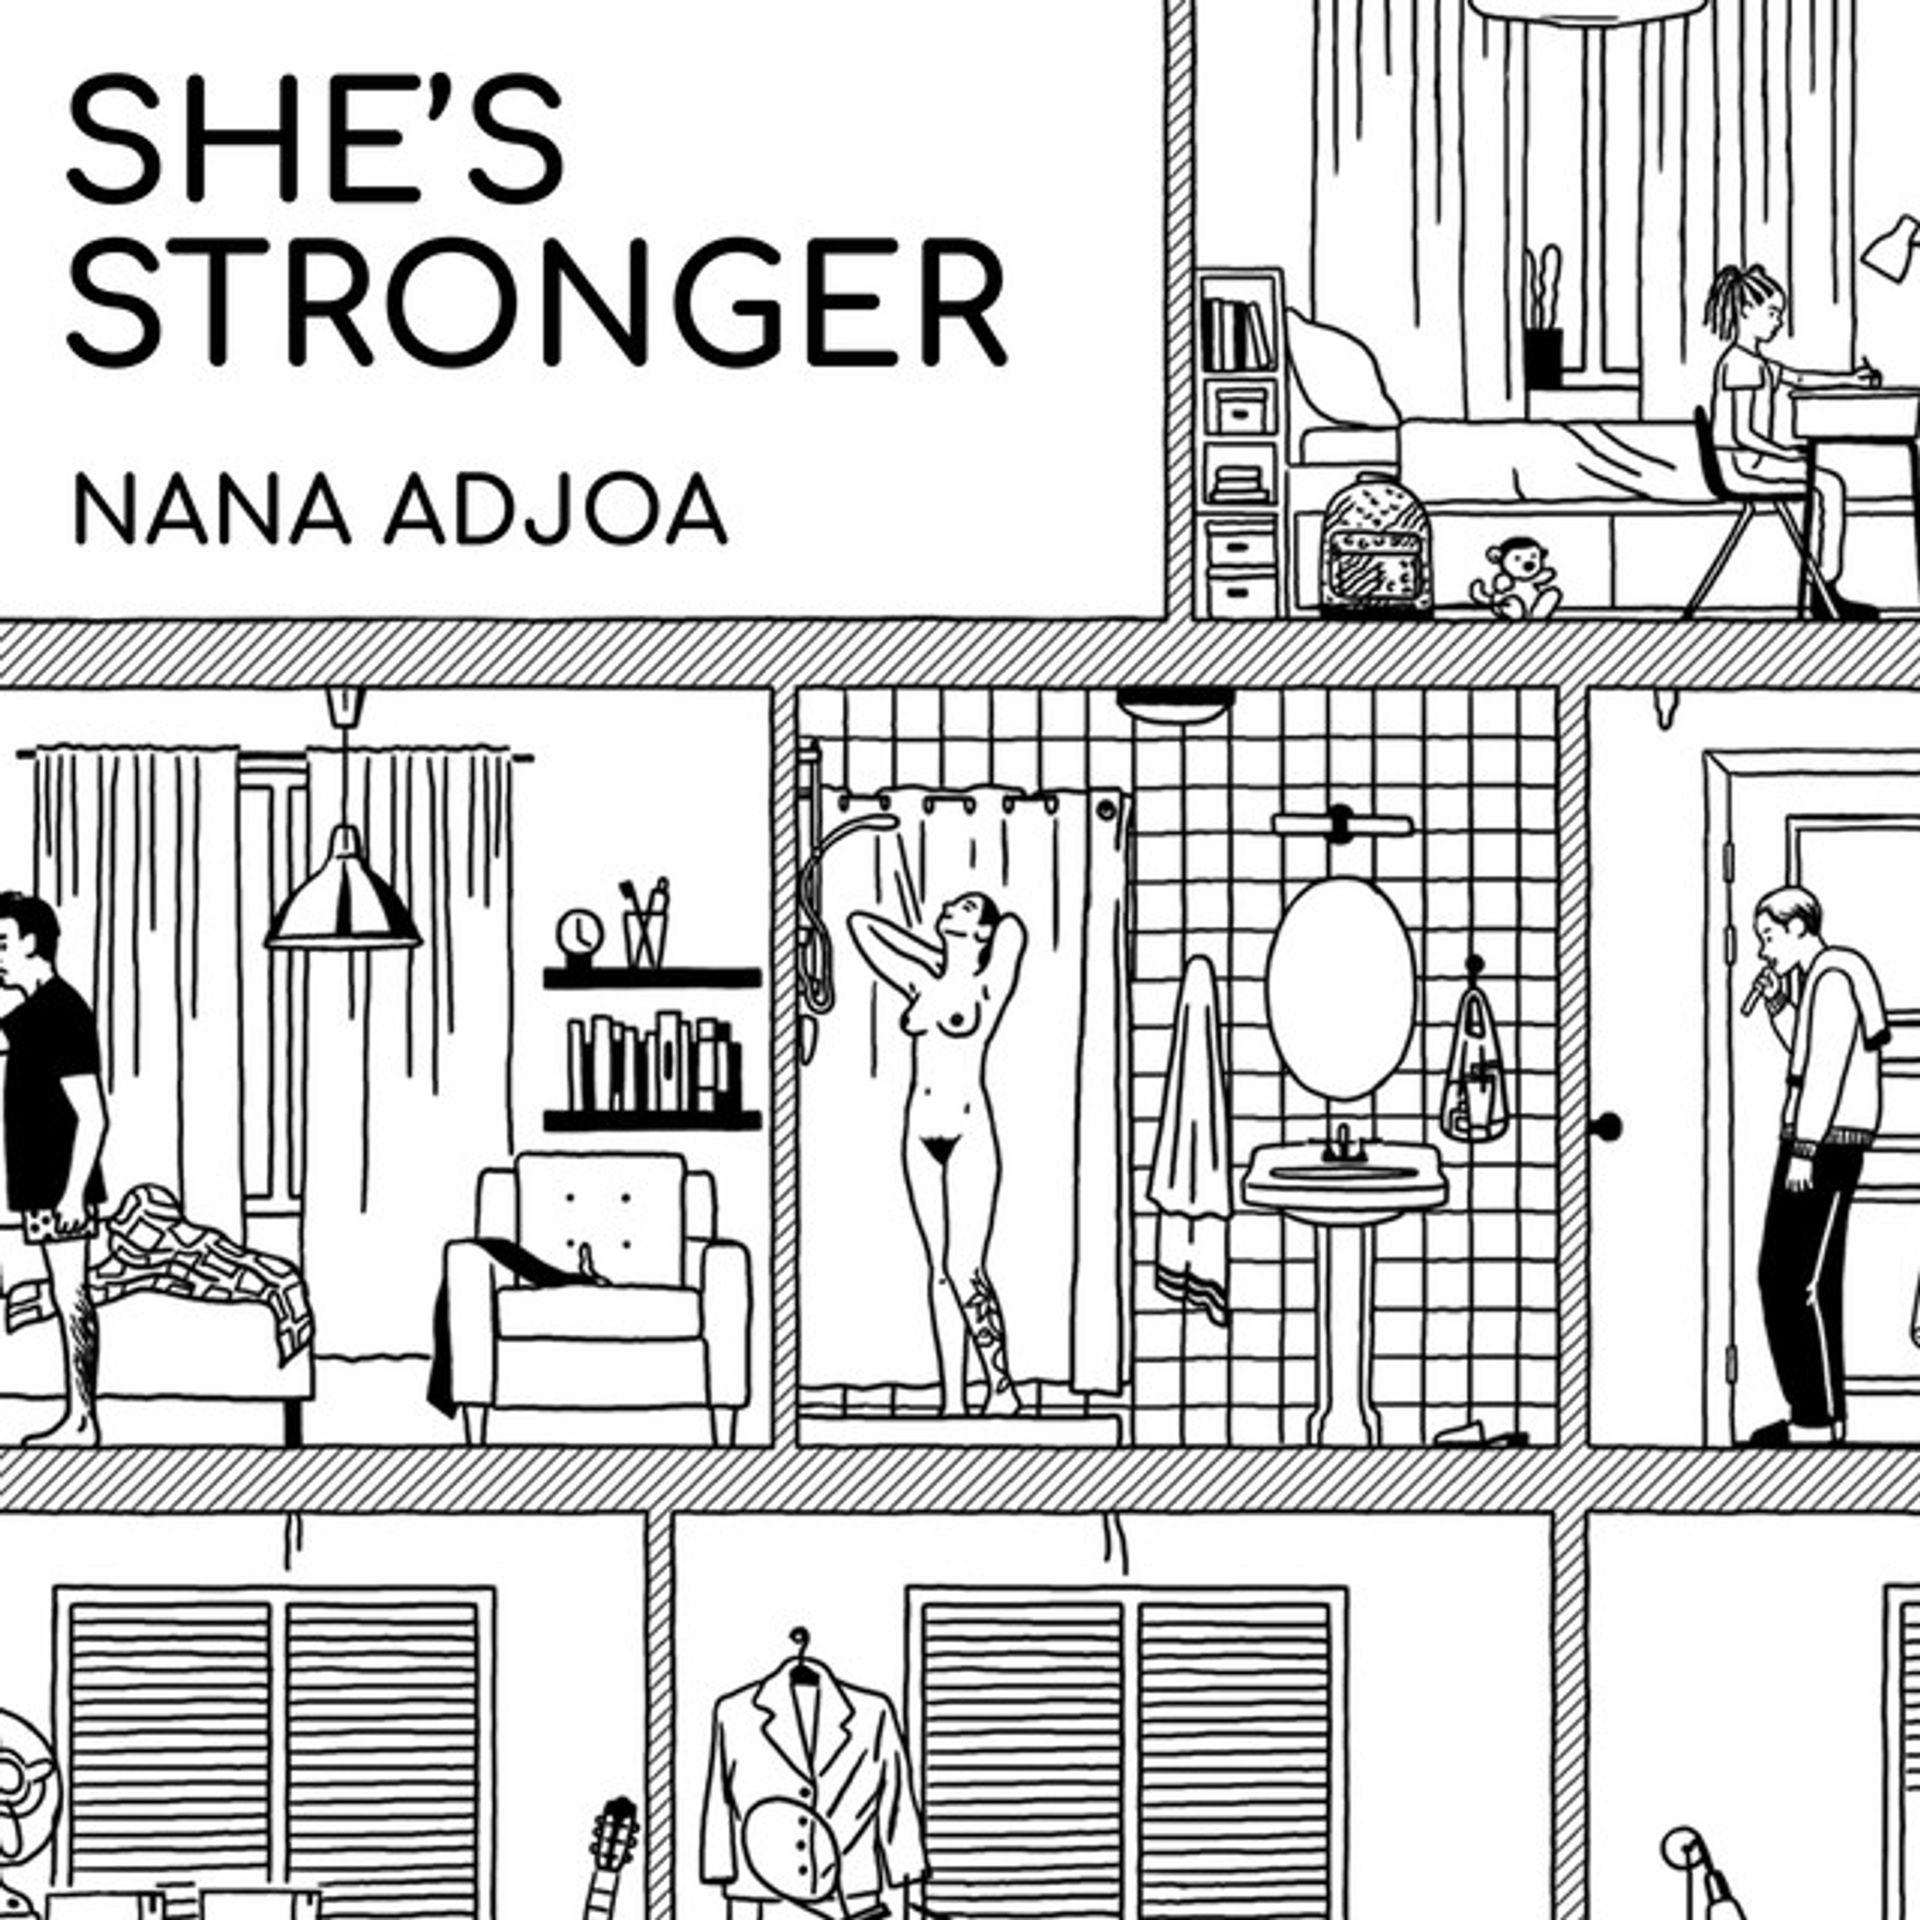 SHE'S STRONGER